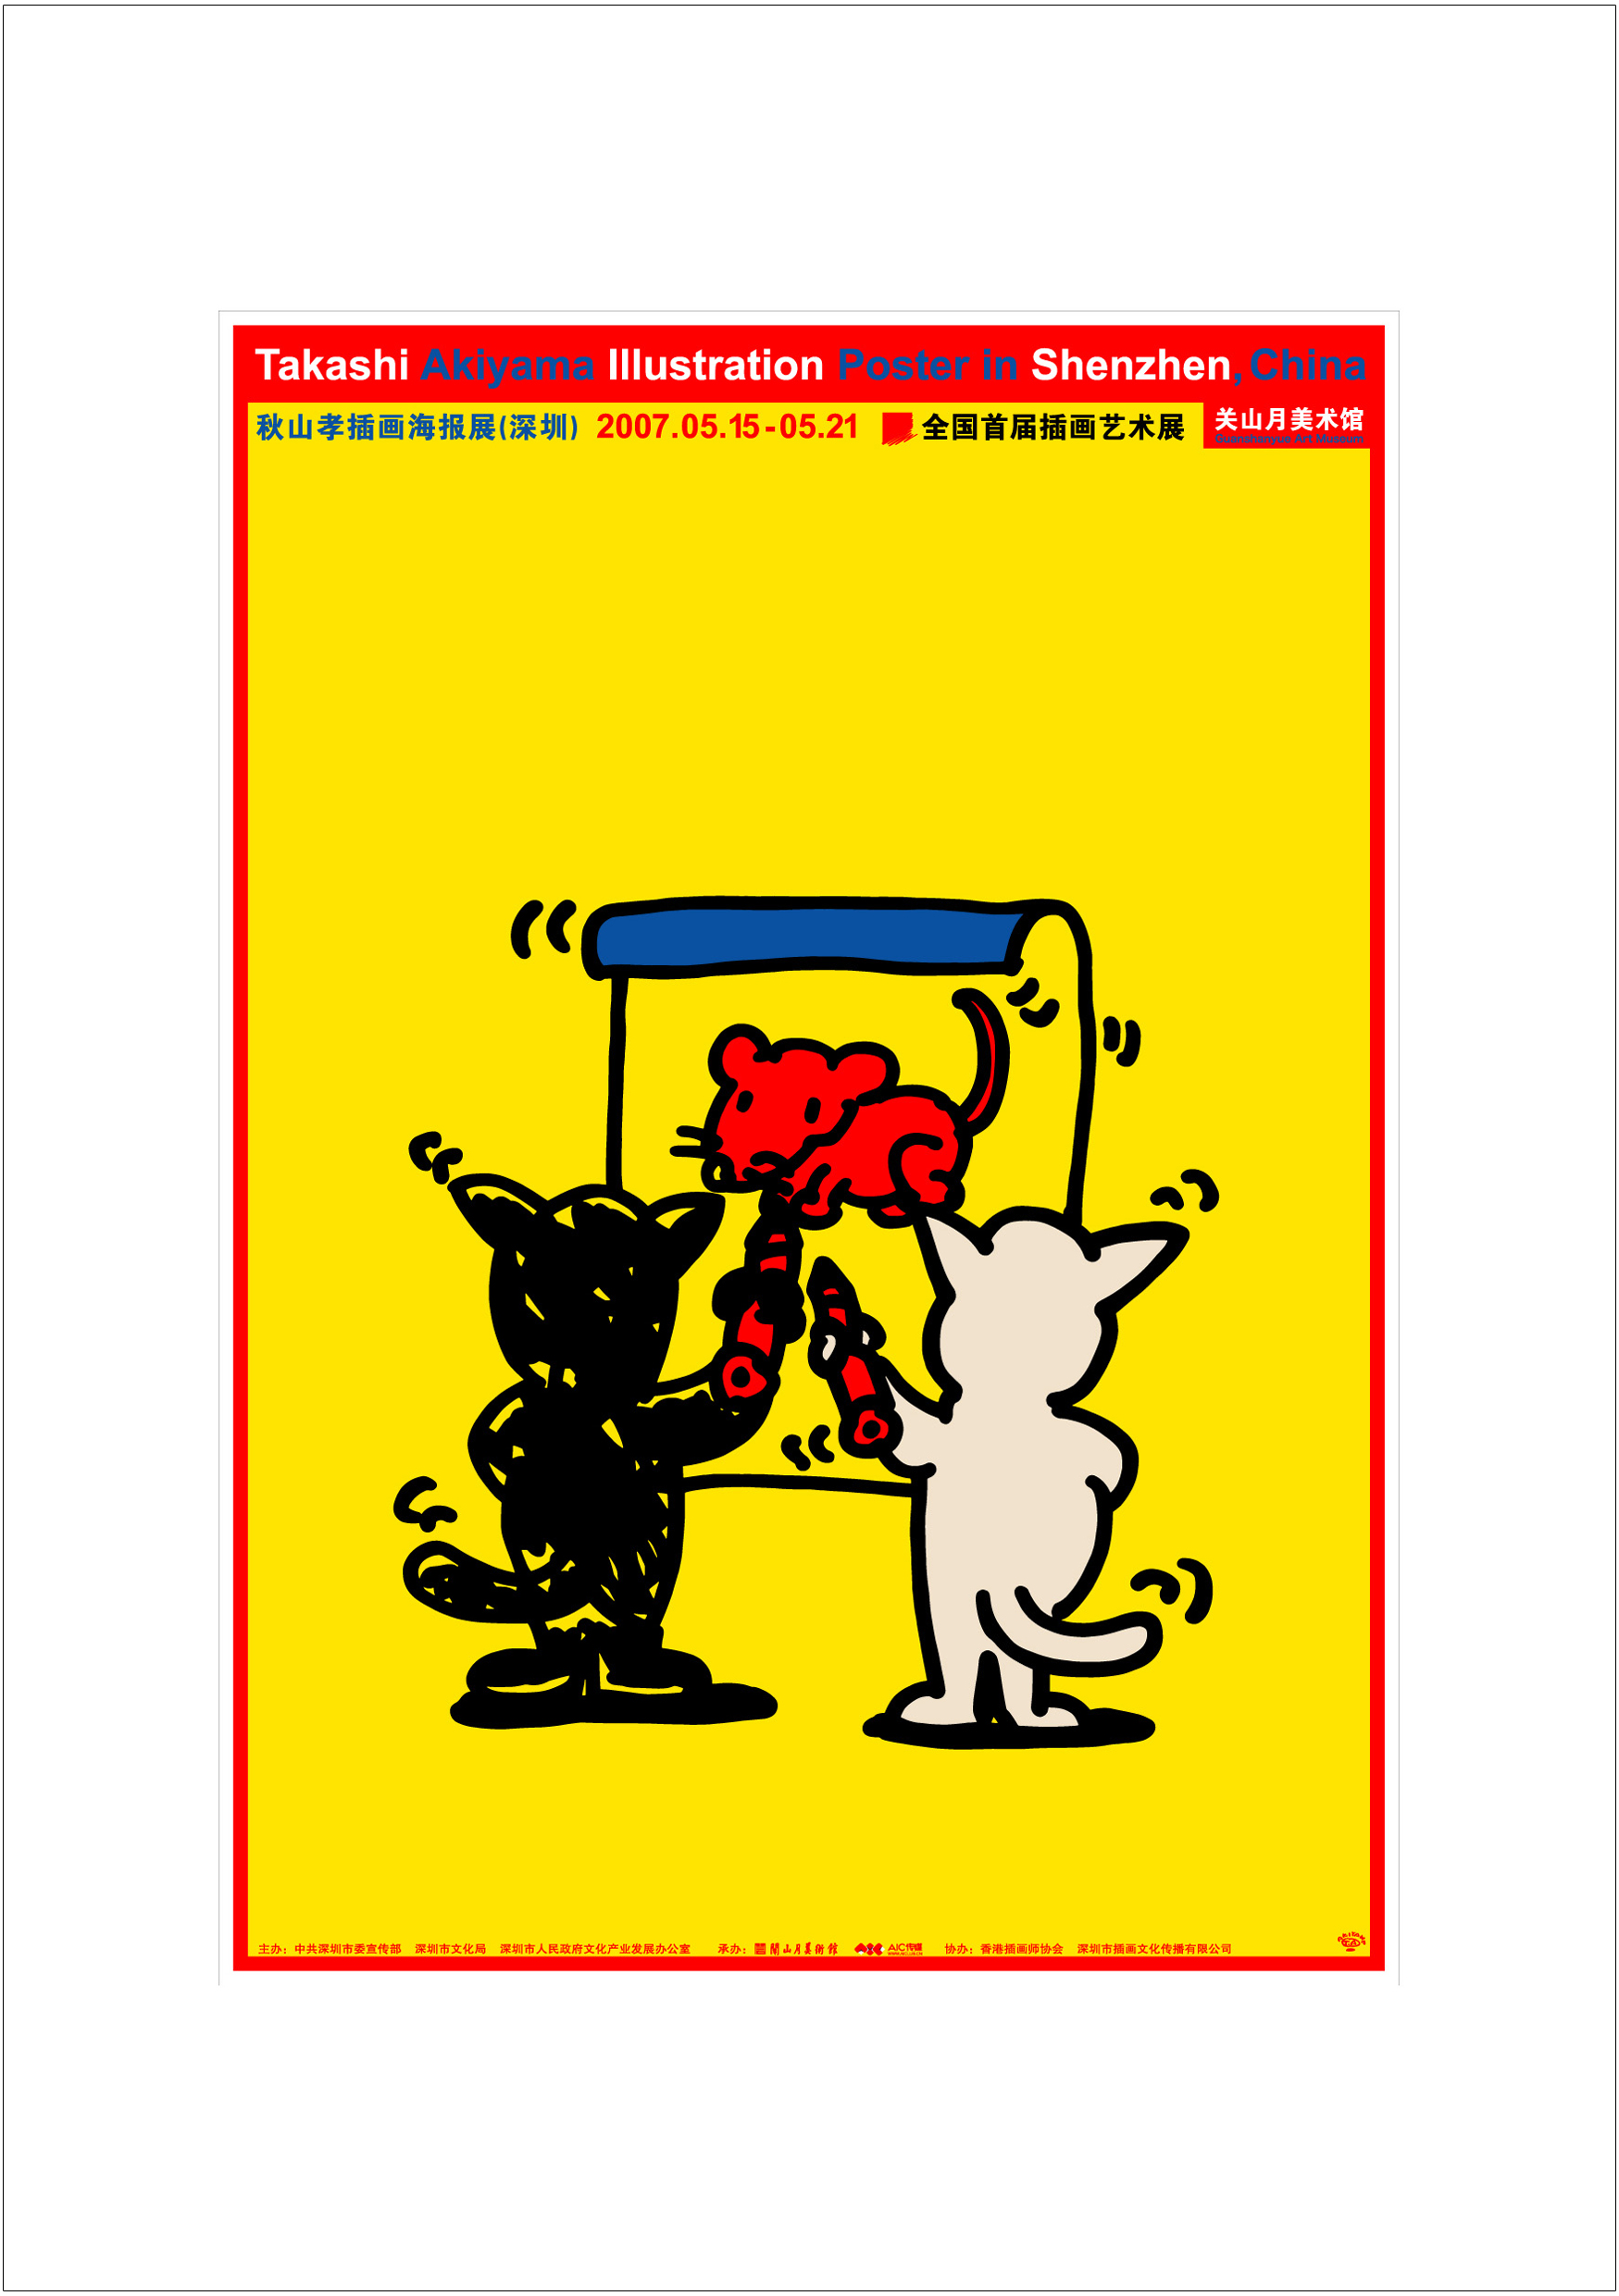 ポスターアーティスト秋山孝が2007年に制作したアートカード「アートカード ポスター 2007 04」